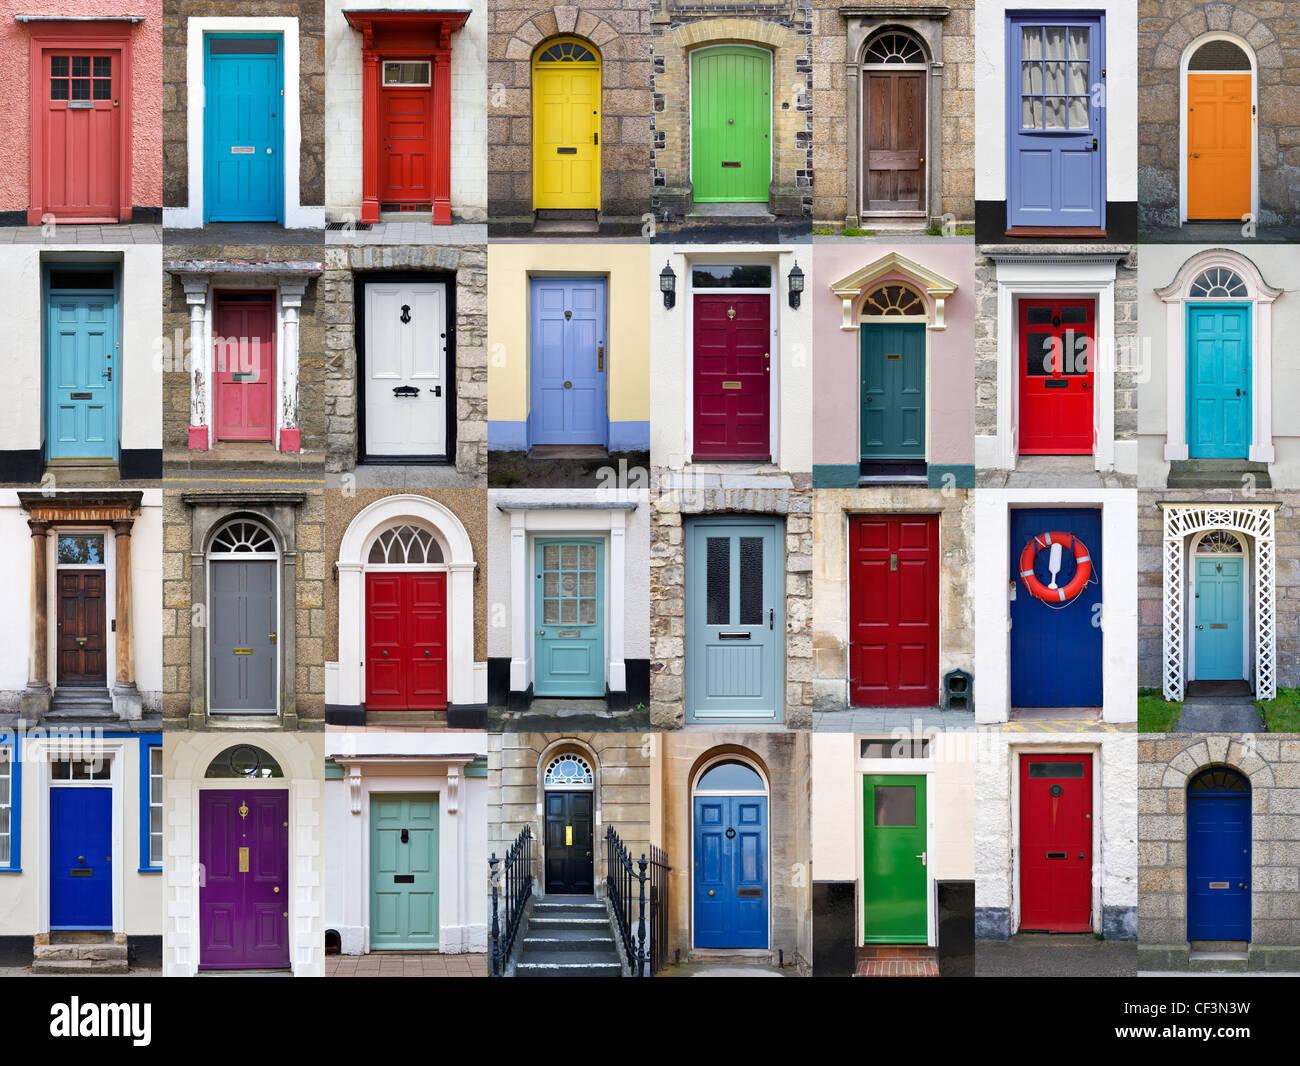 Un collage fotografico di 32 colorato porte anteriori per case e abitazioni Immagini Stock